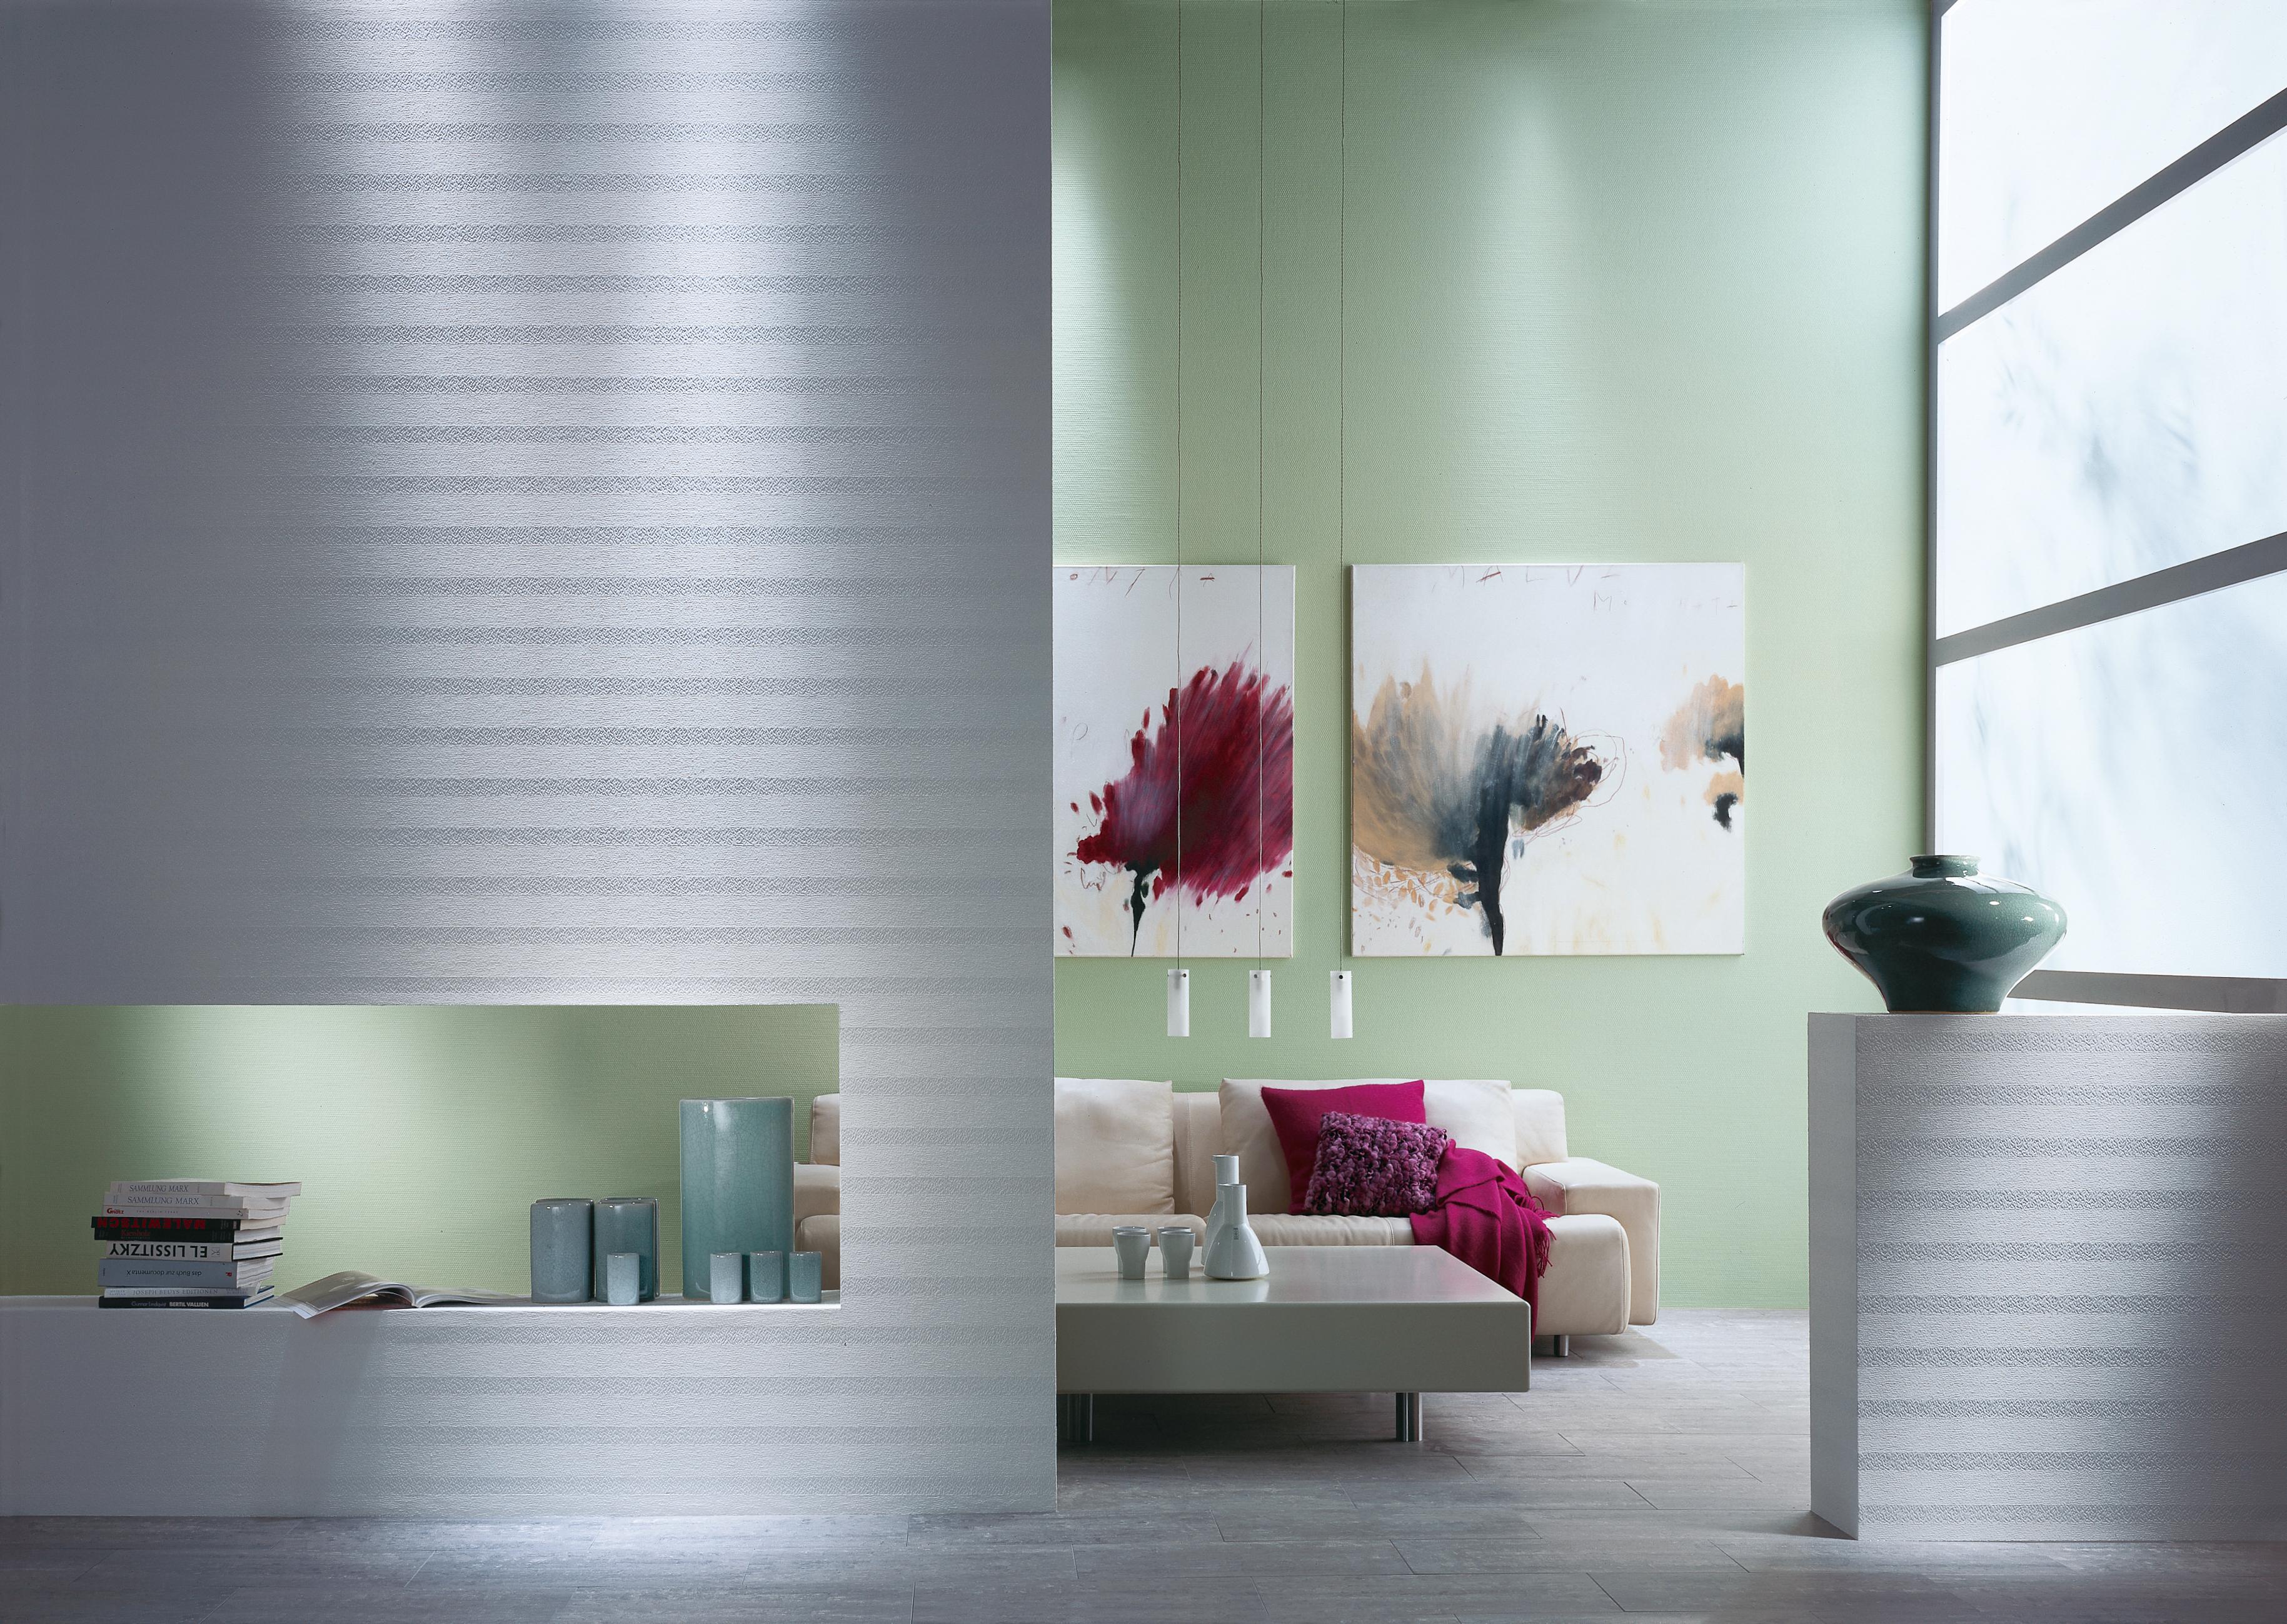 Mit Nur Einer Einzigen Farbe In Unterschiedlichen Abstufungen Bleibt Das  Ton In Ton Prinzip Ein Allseits Beliebter Klassiker.